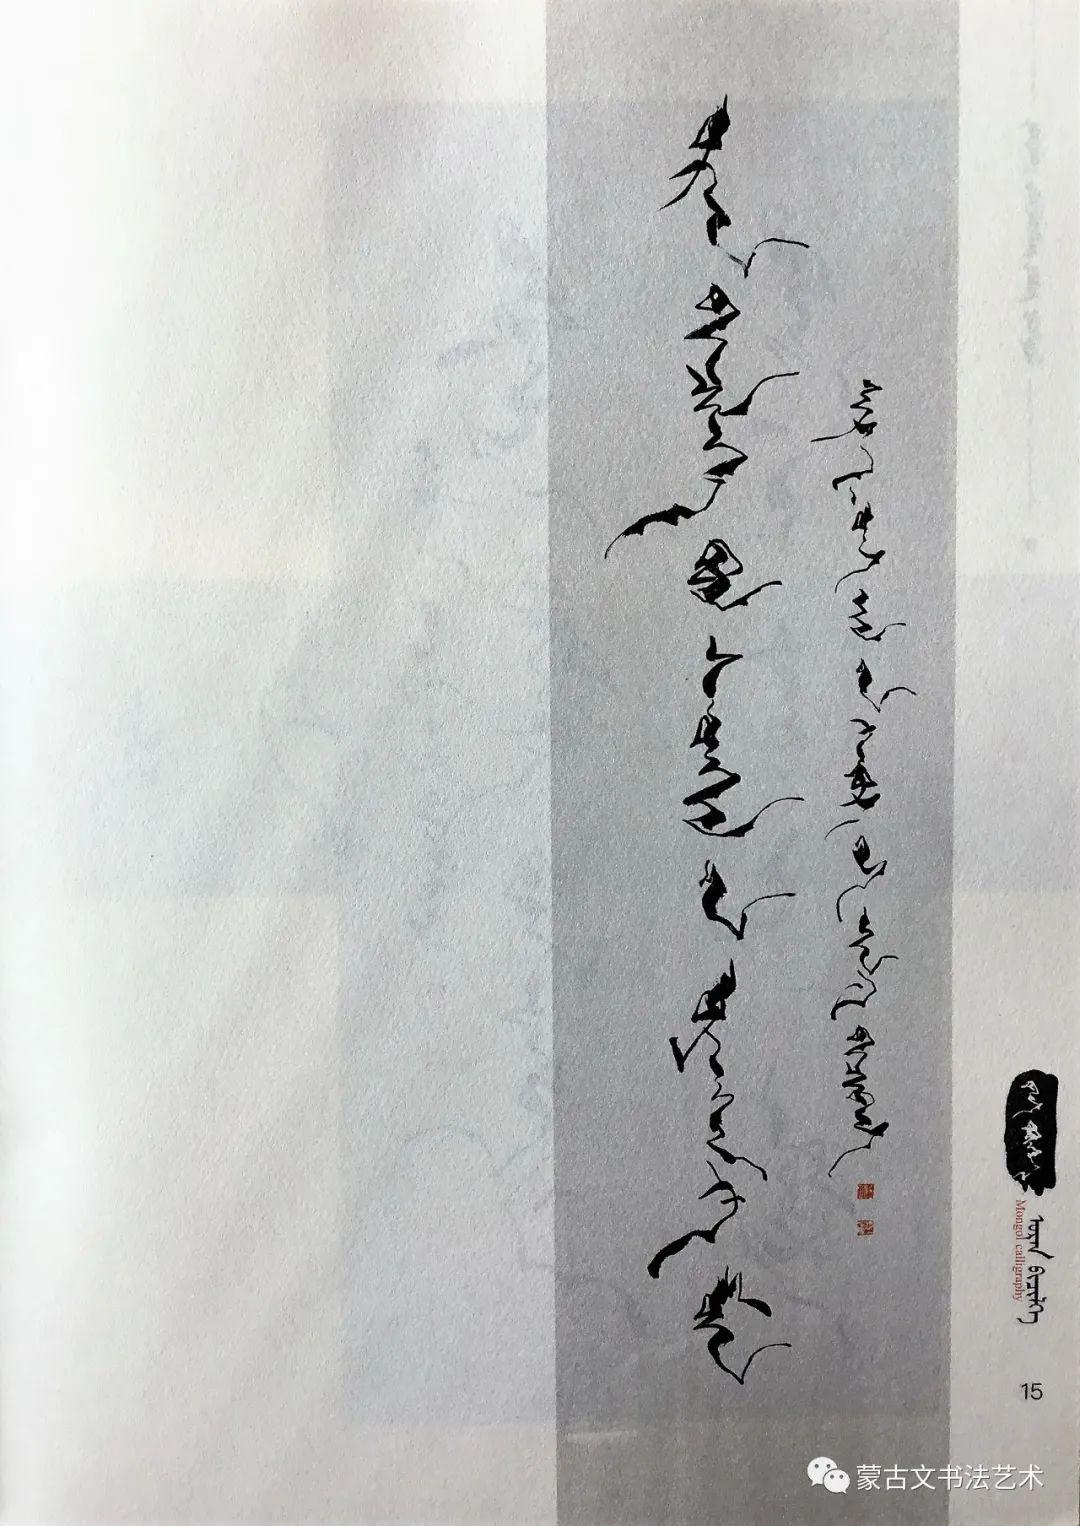 包宝柱《蒙古文经典书法》 第20张 包宝柱《蒙古文经典书法》 蒙古书法